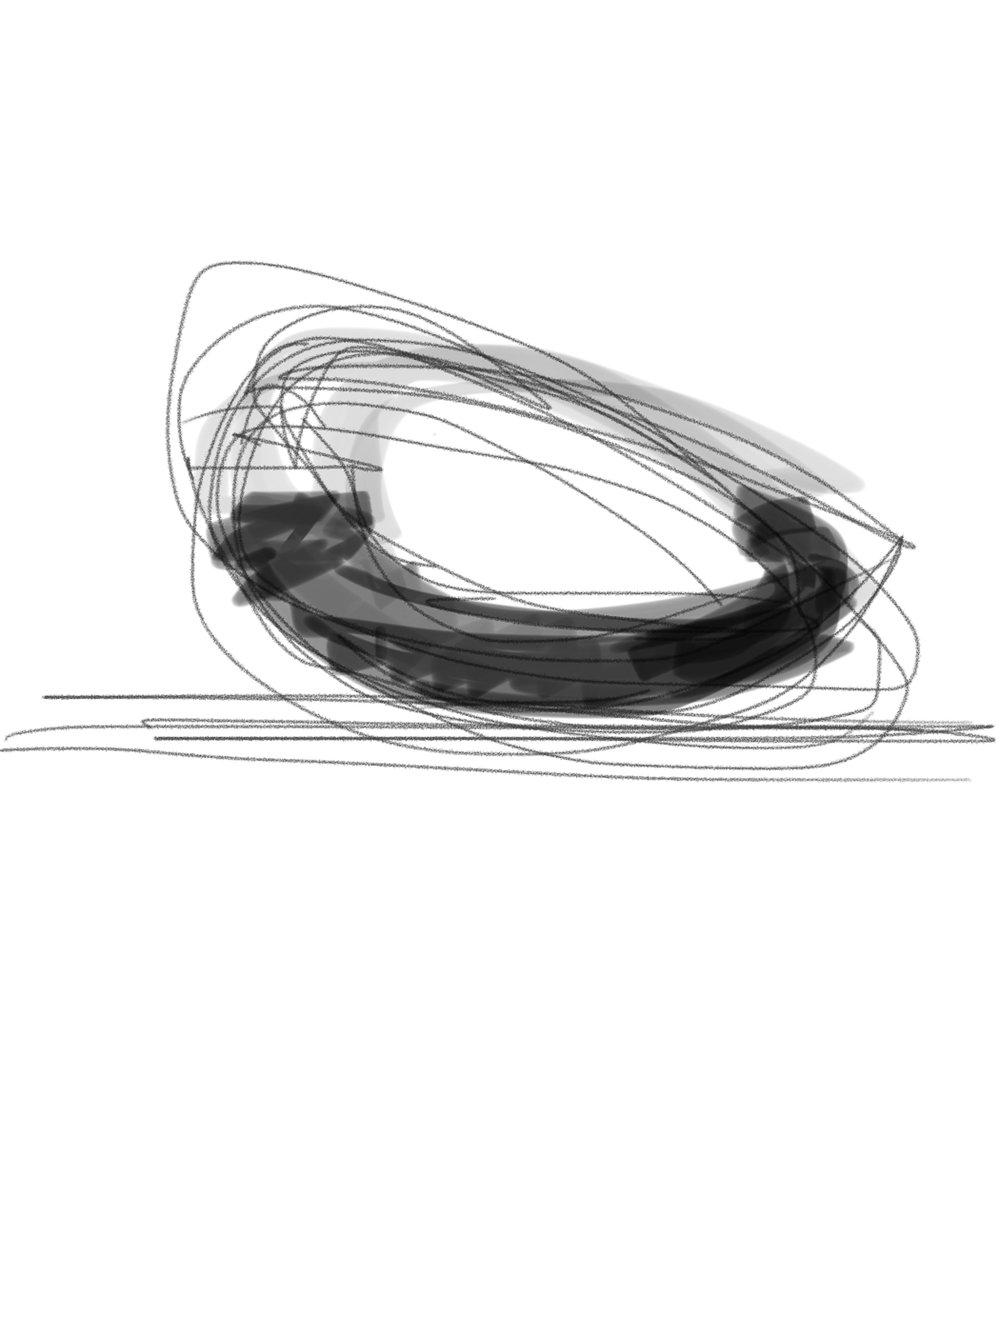 Sketch-264.jpg